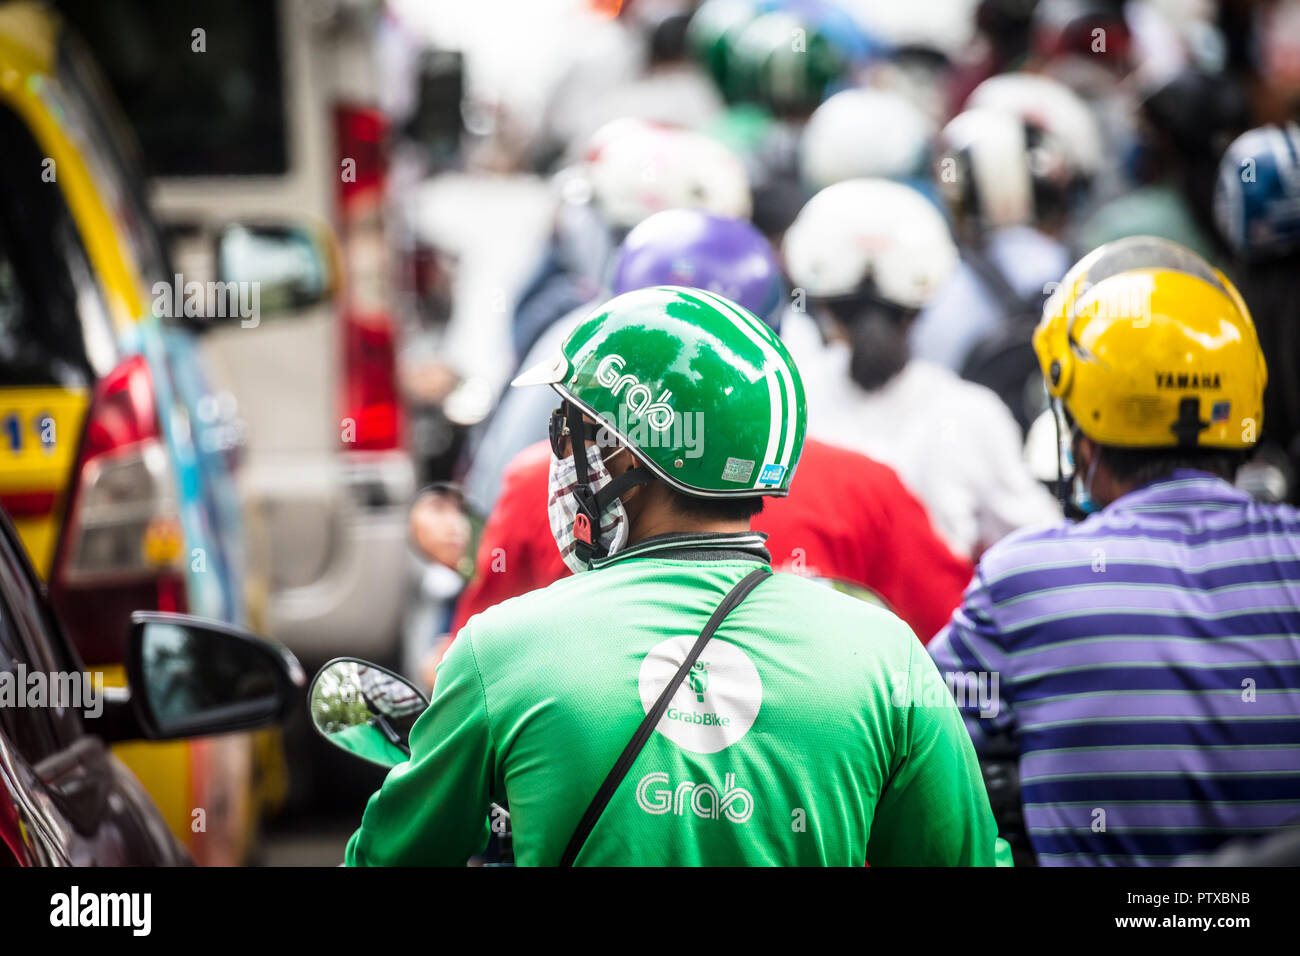 Grabbike Service in Vietnam - Stock Image